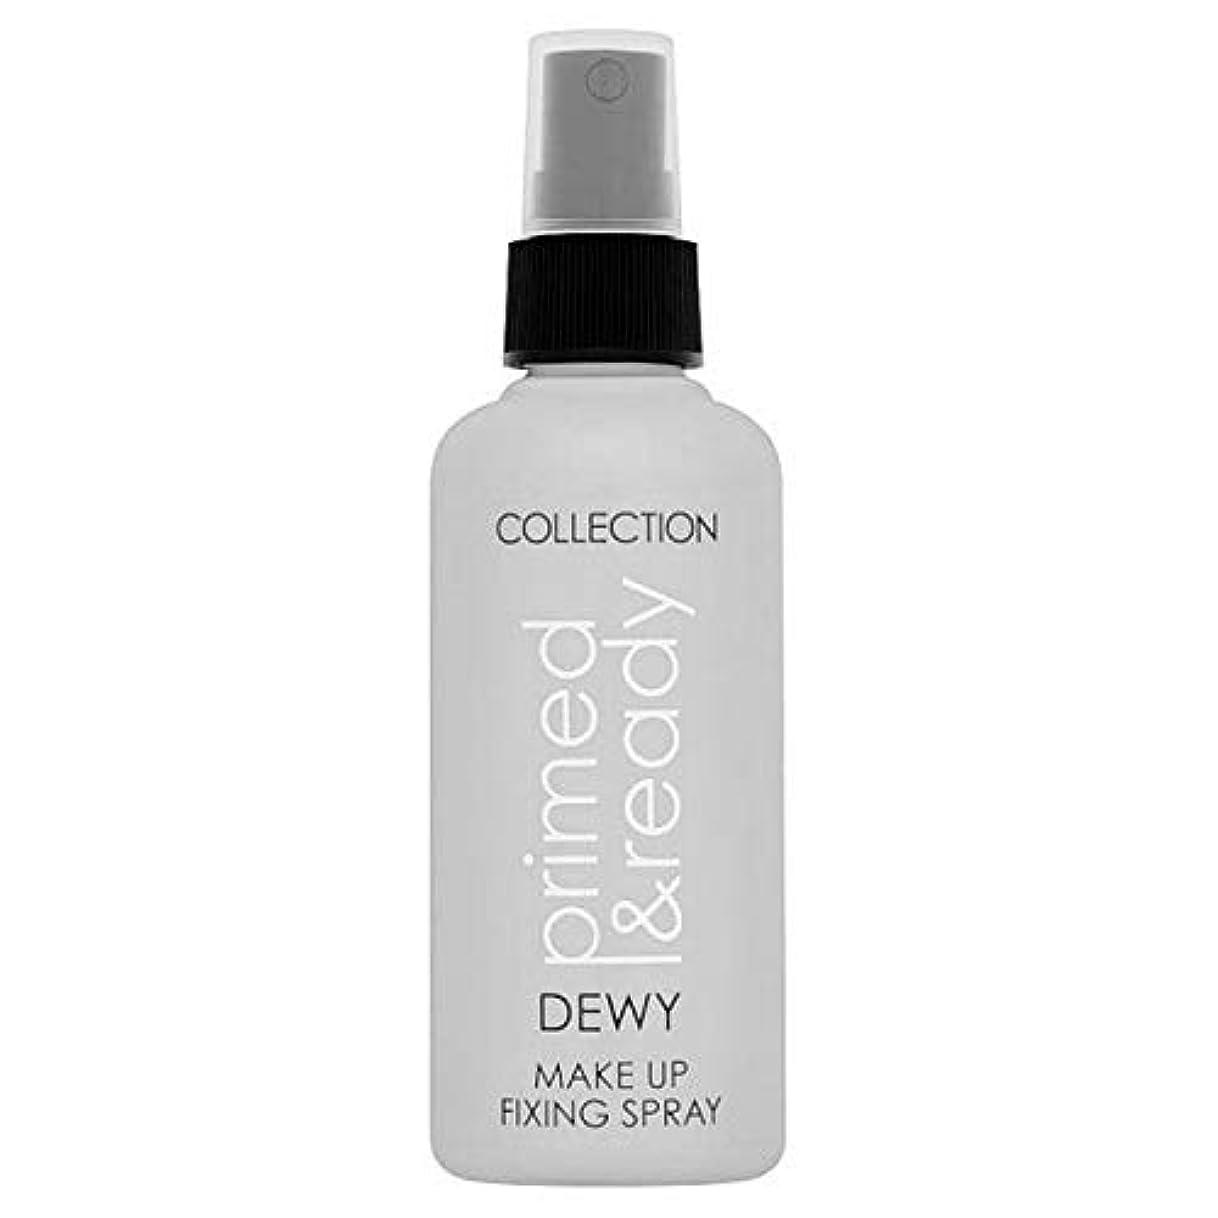 マーチャンダイジング見えない行列[Collection ] コレクションは、下塗りされた&準備結露化粧具は100ミリリットルスプレー - COLLECTION Primed & Ready Dewy Makeup Fixings Spray 100ml...